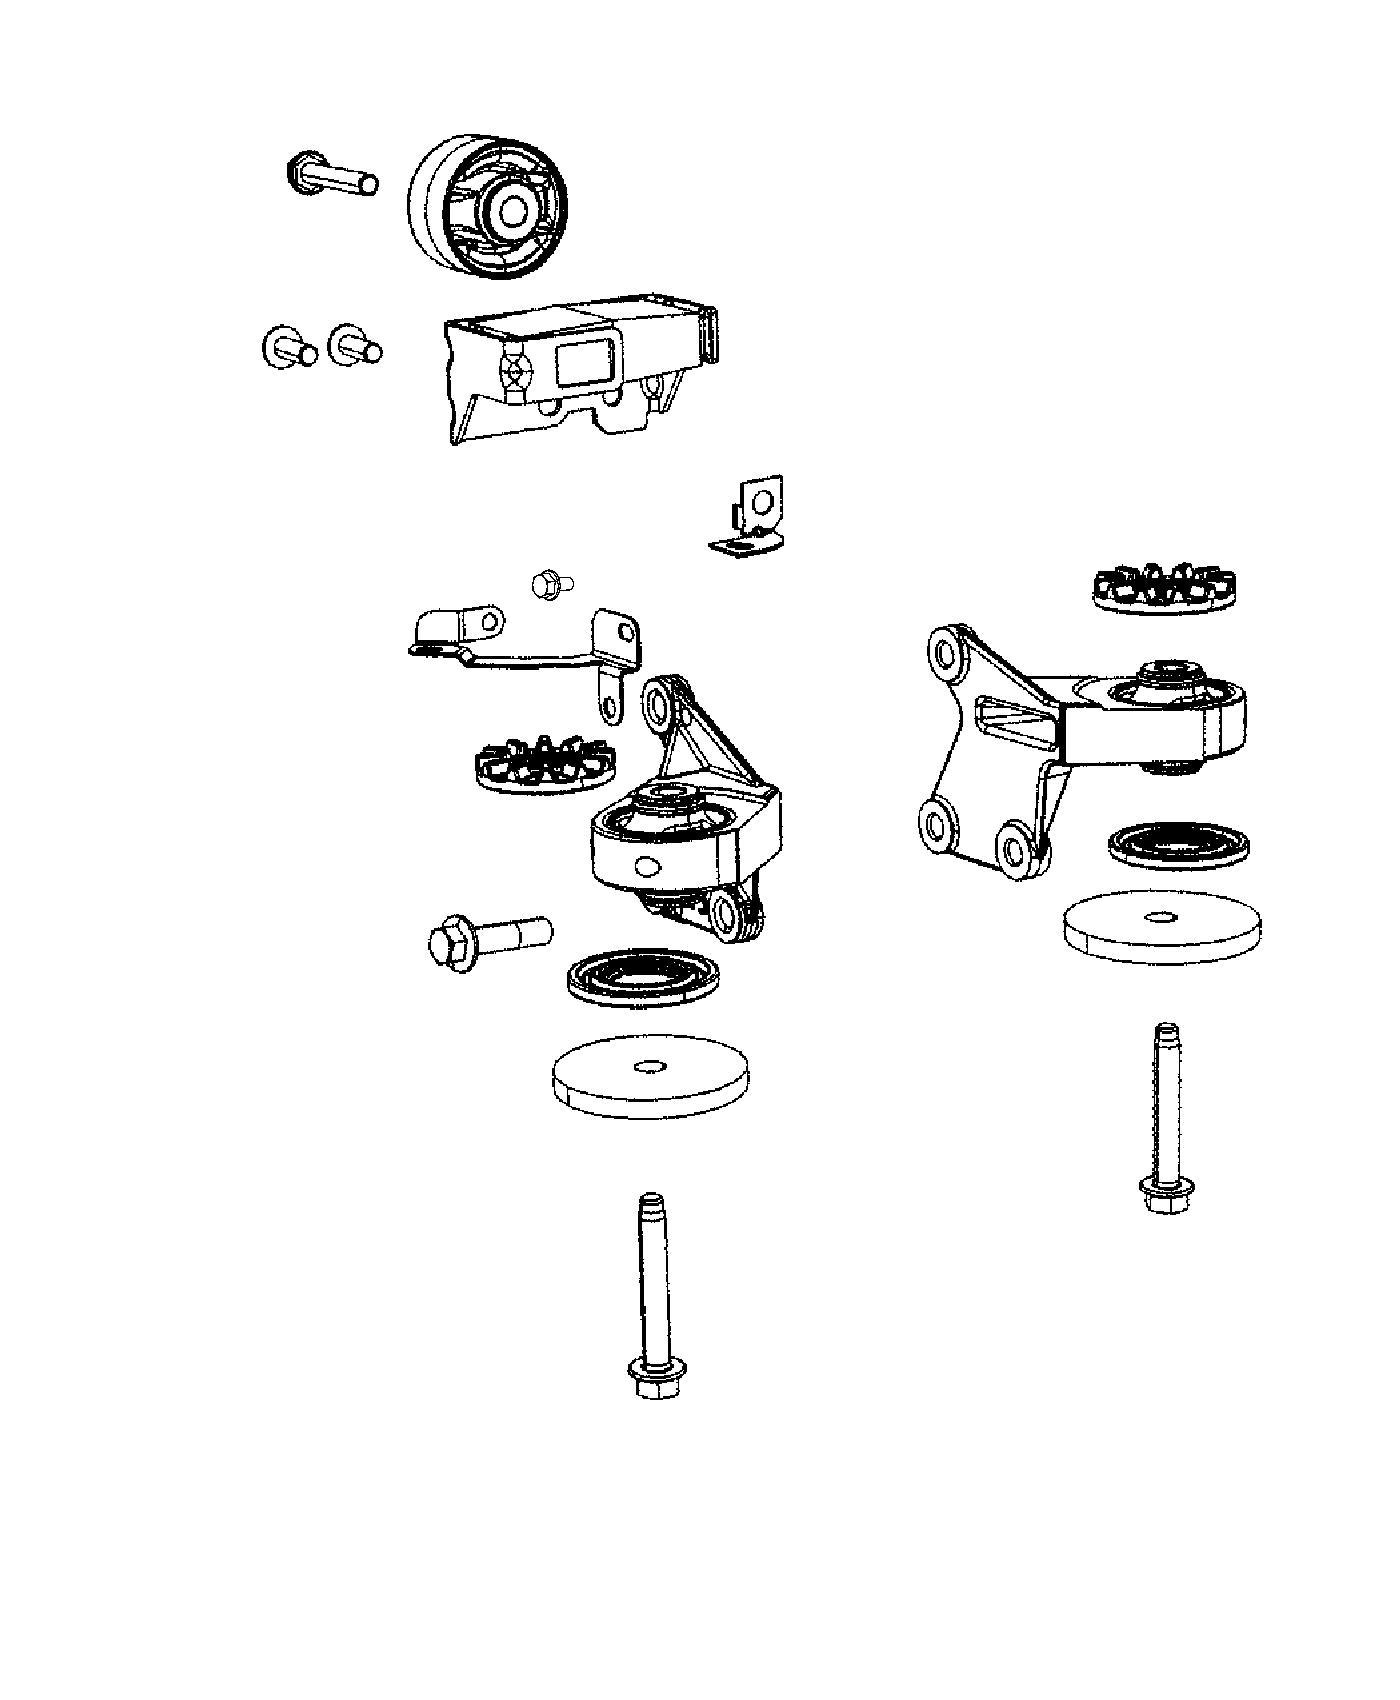 Jeep Compass Bracket. Wiring. Rear, axle, mounts